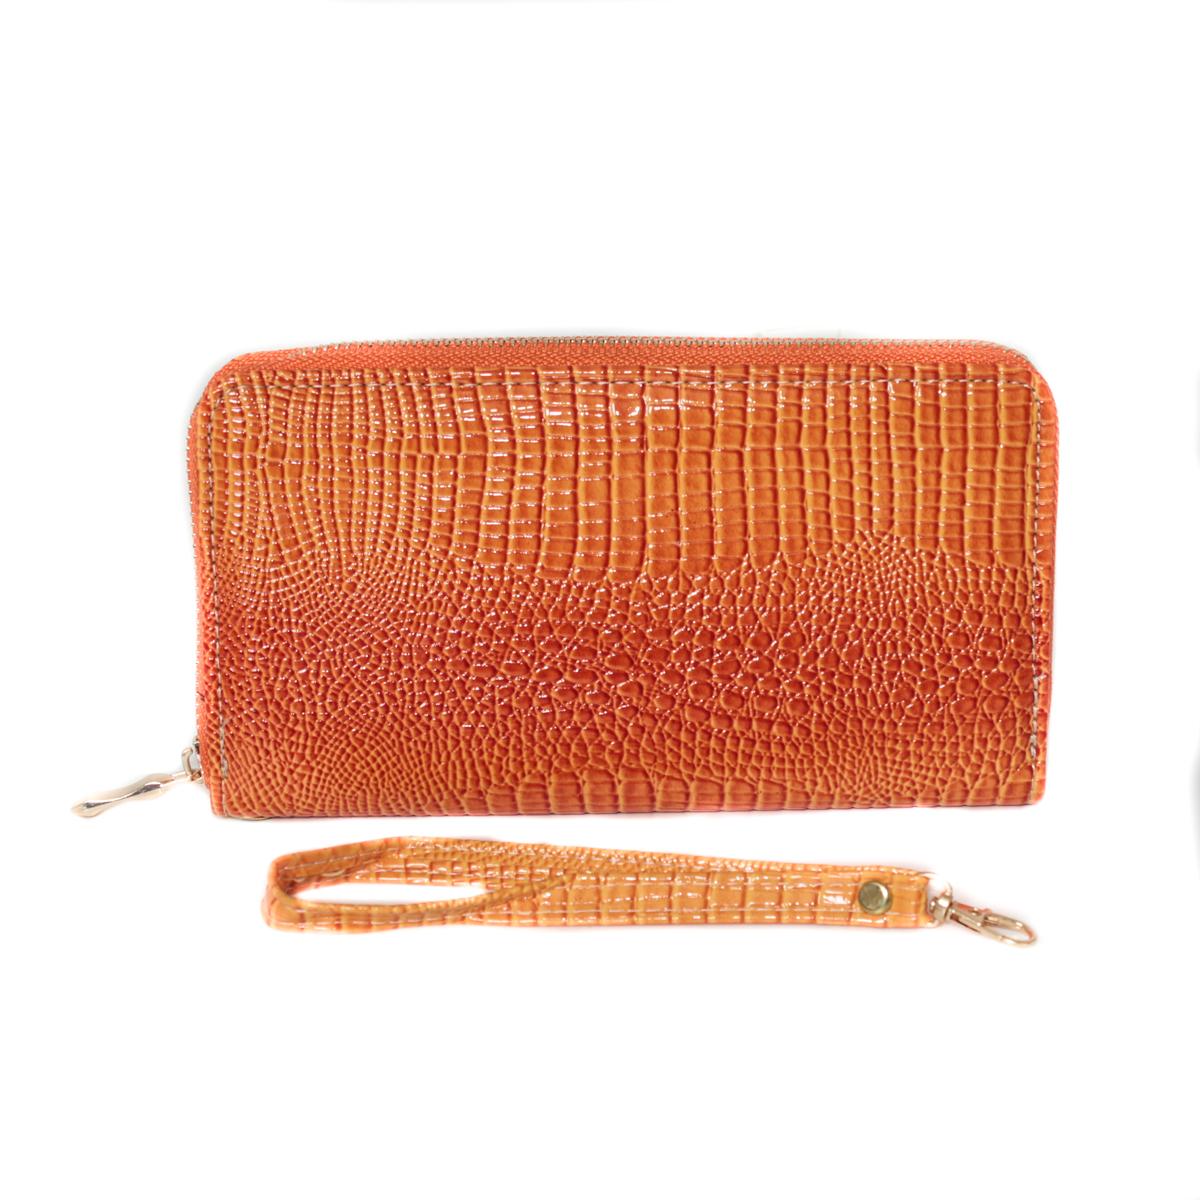 Кошелек женский Leighton, цвет: коричневый. 0005308900053089Закрывается на молнию. Внутри два отделения для купюр, одно отделение на молнии. Имеются карманы для карточек и визиток.